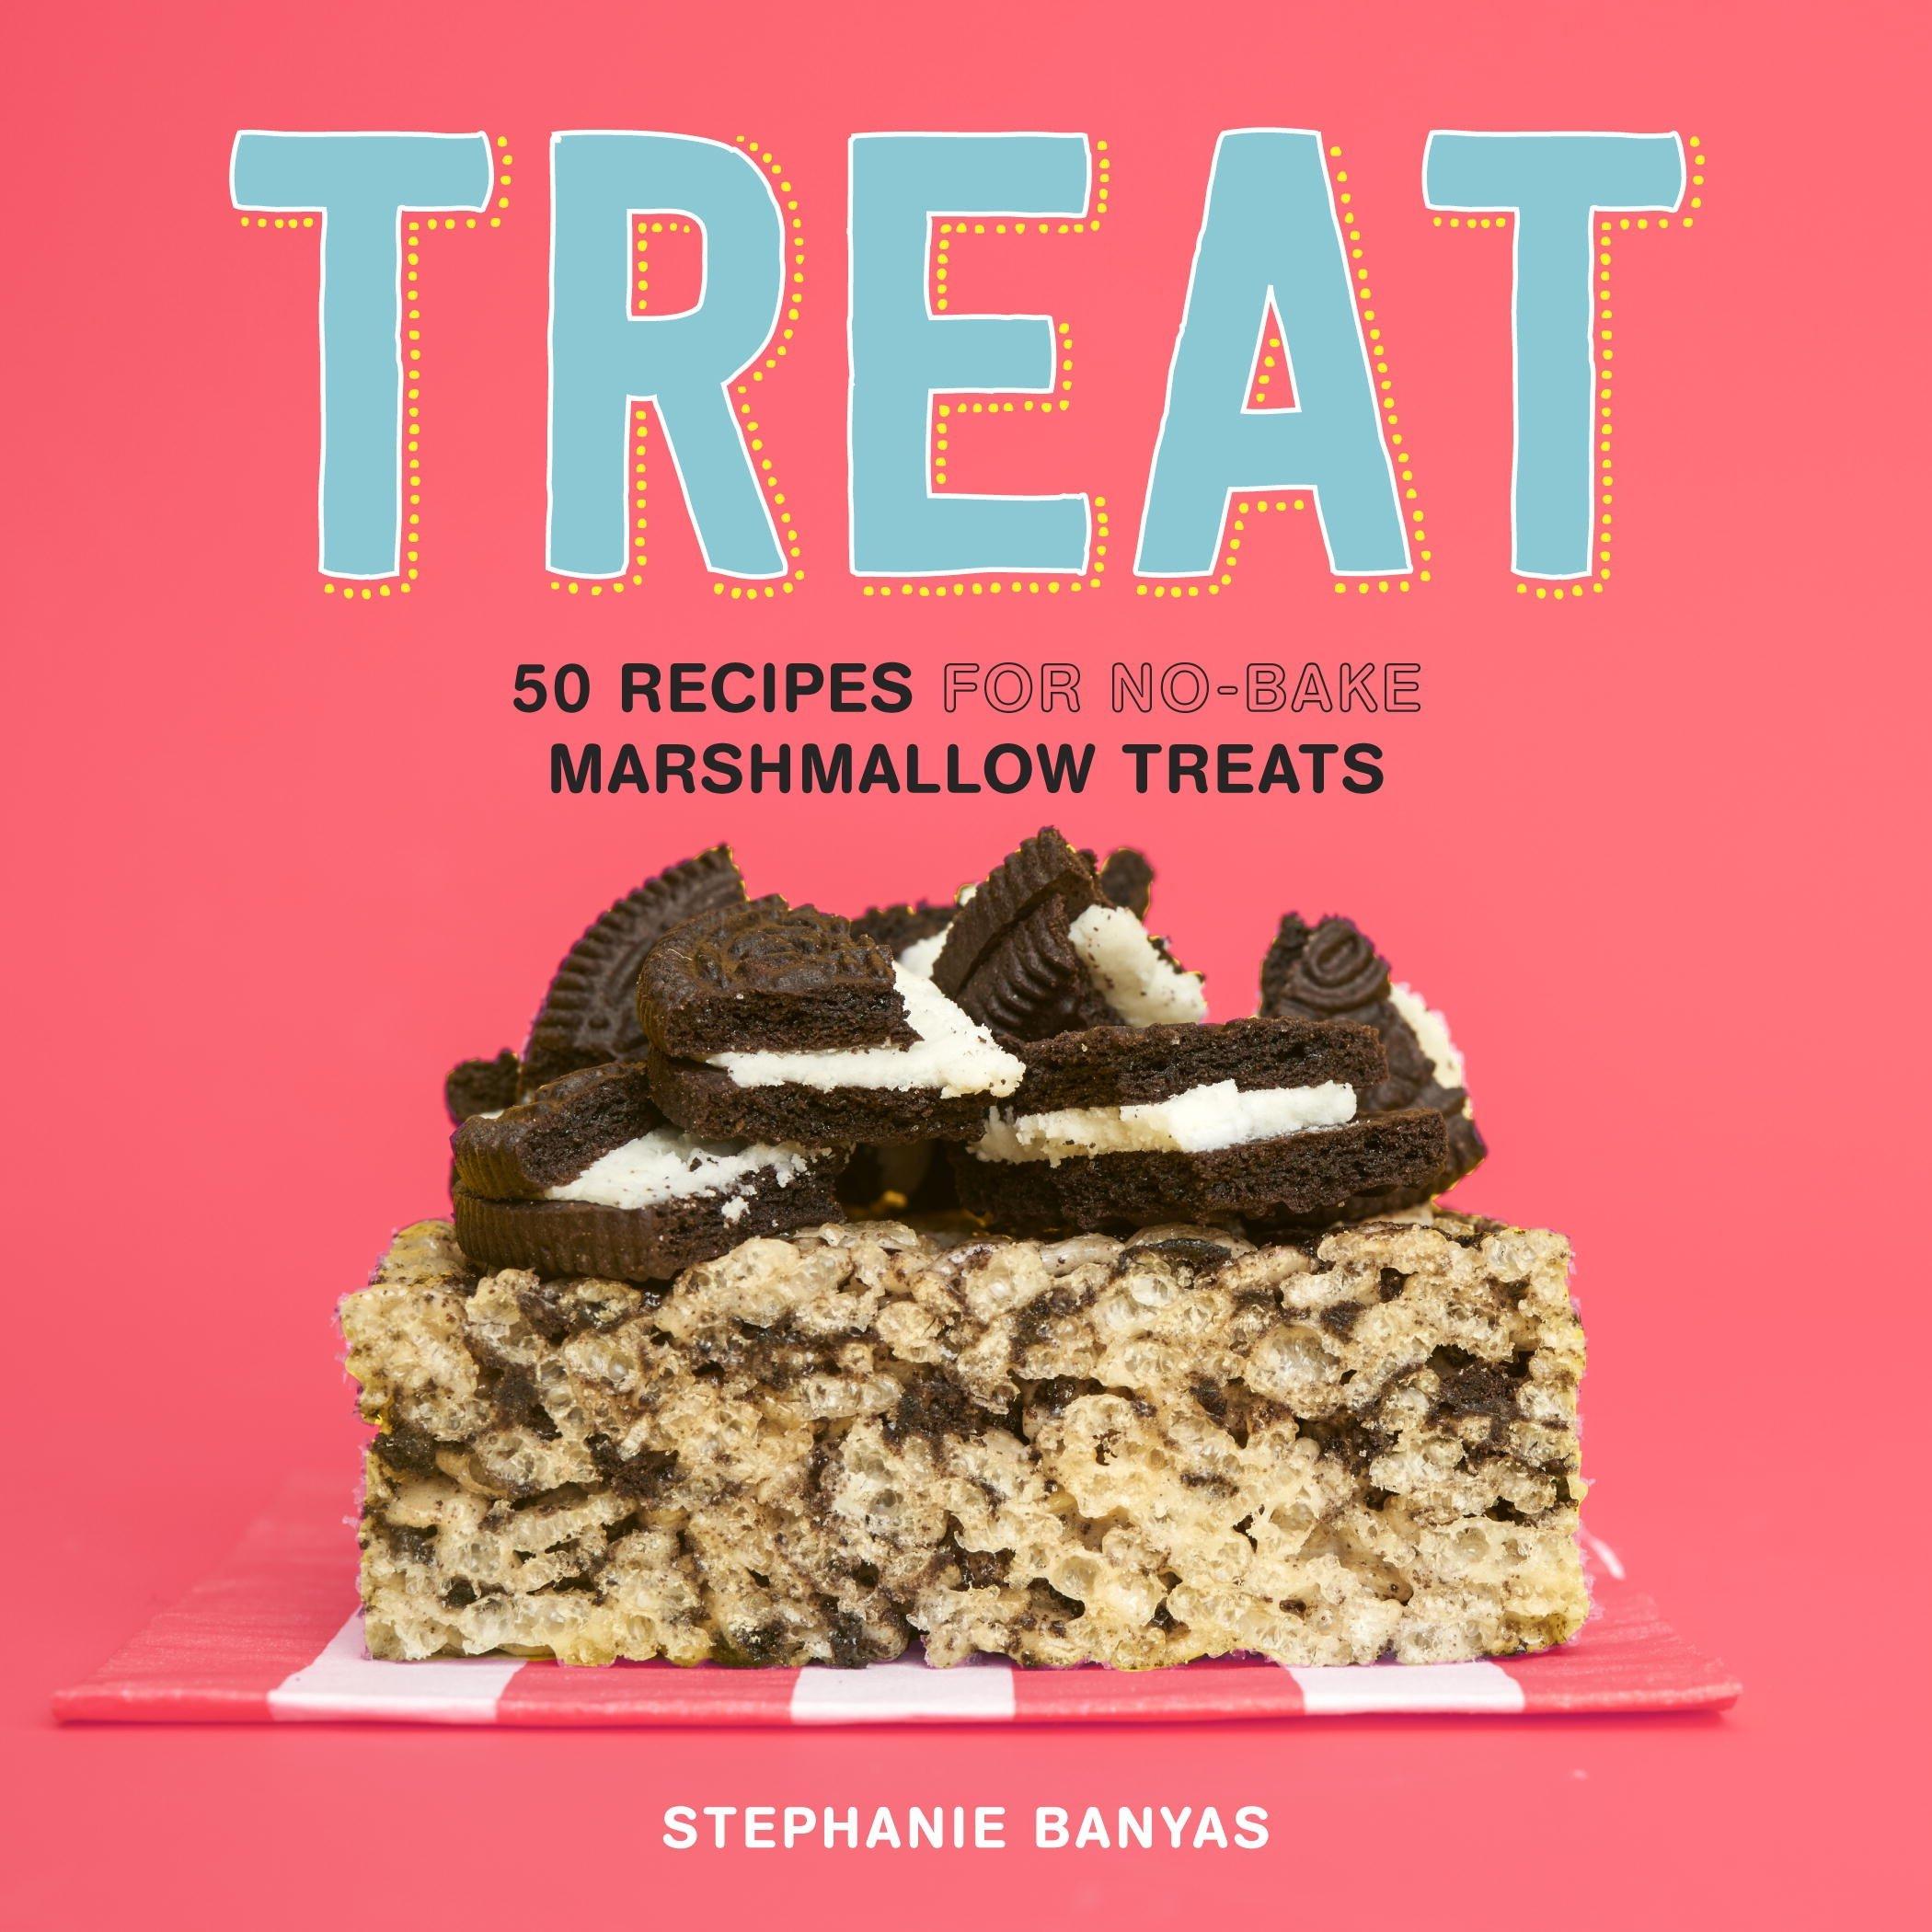 Treat: 50 Recipes for No-Bake Marshmallow Treats: Amazon.es: Stephanie Banyas: Libros en idiomas extranjeros